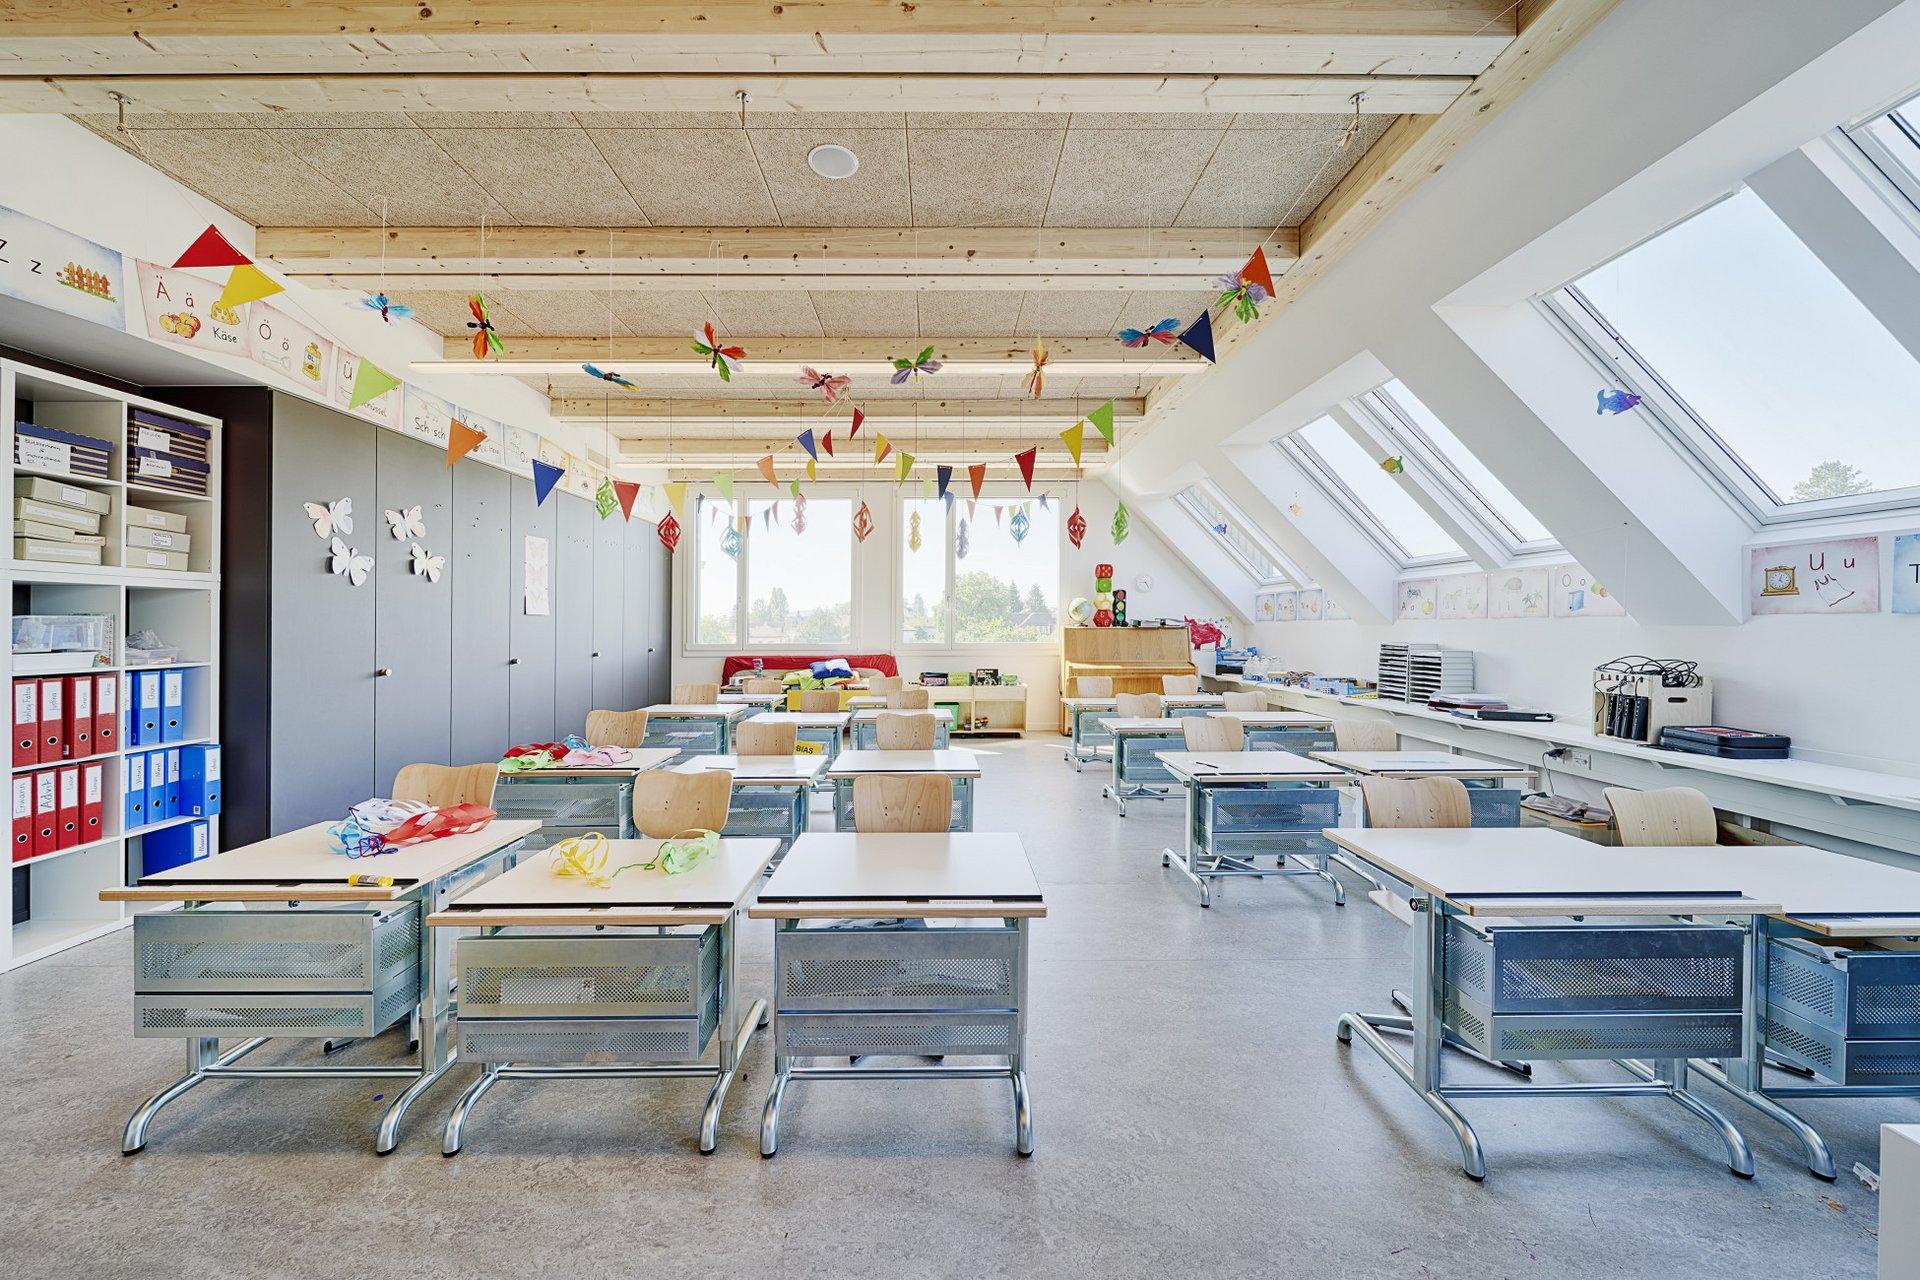 Blick in ein Klassenzimmer mit dunkelgrauen Wandschränkem, einer hölzernen Decke und viele Stühle mit Tischen